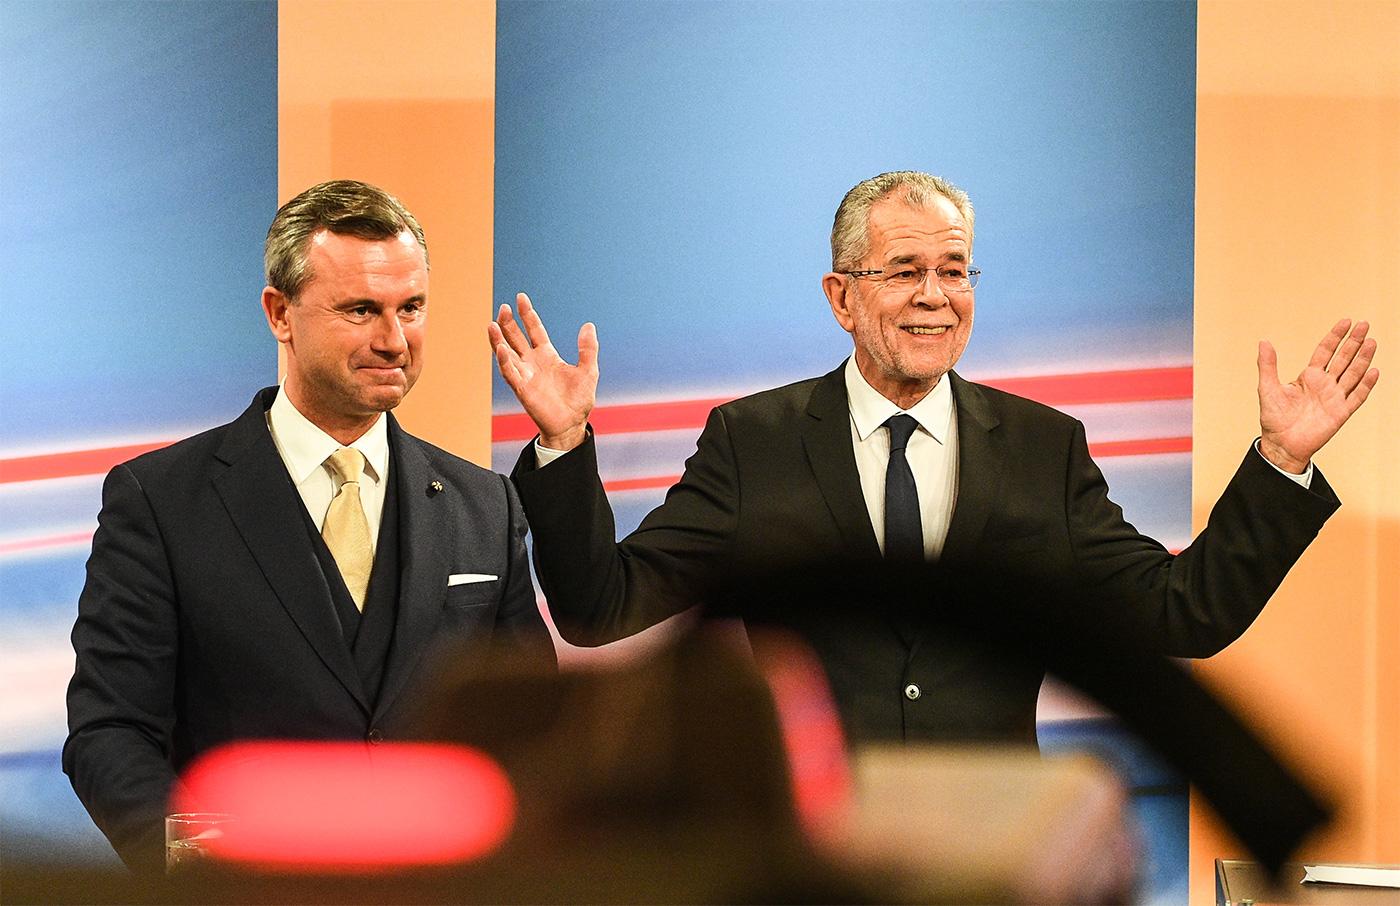 Новым президентом Австрии выбрали еврооптимиста Ван дер Беллена